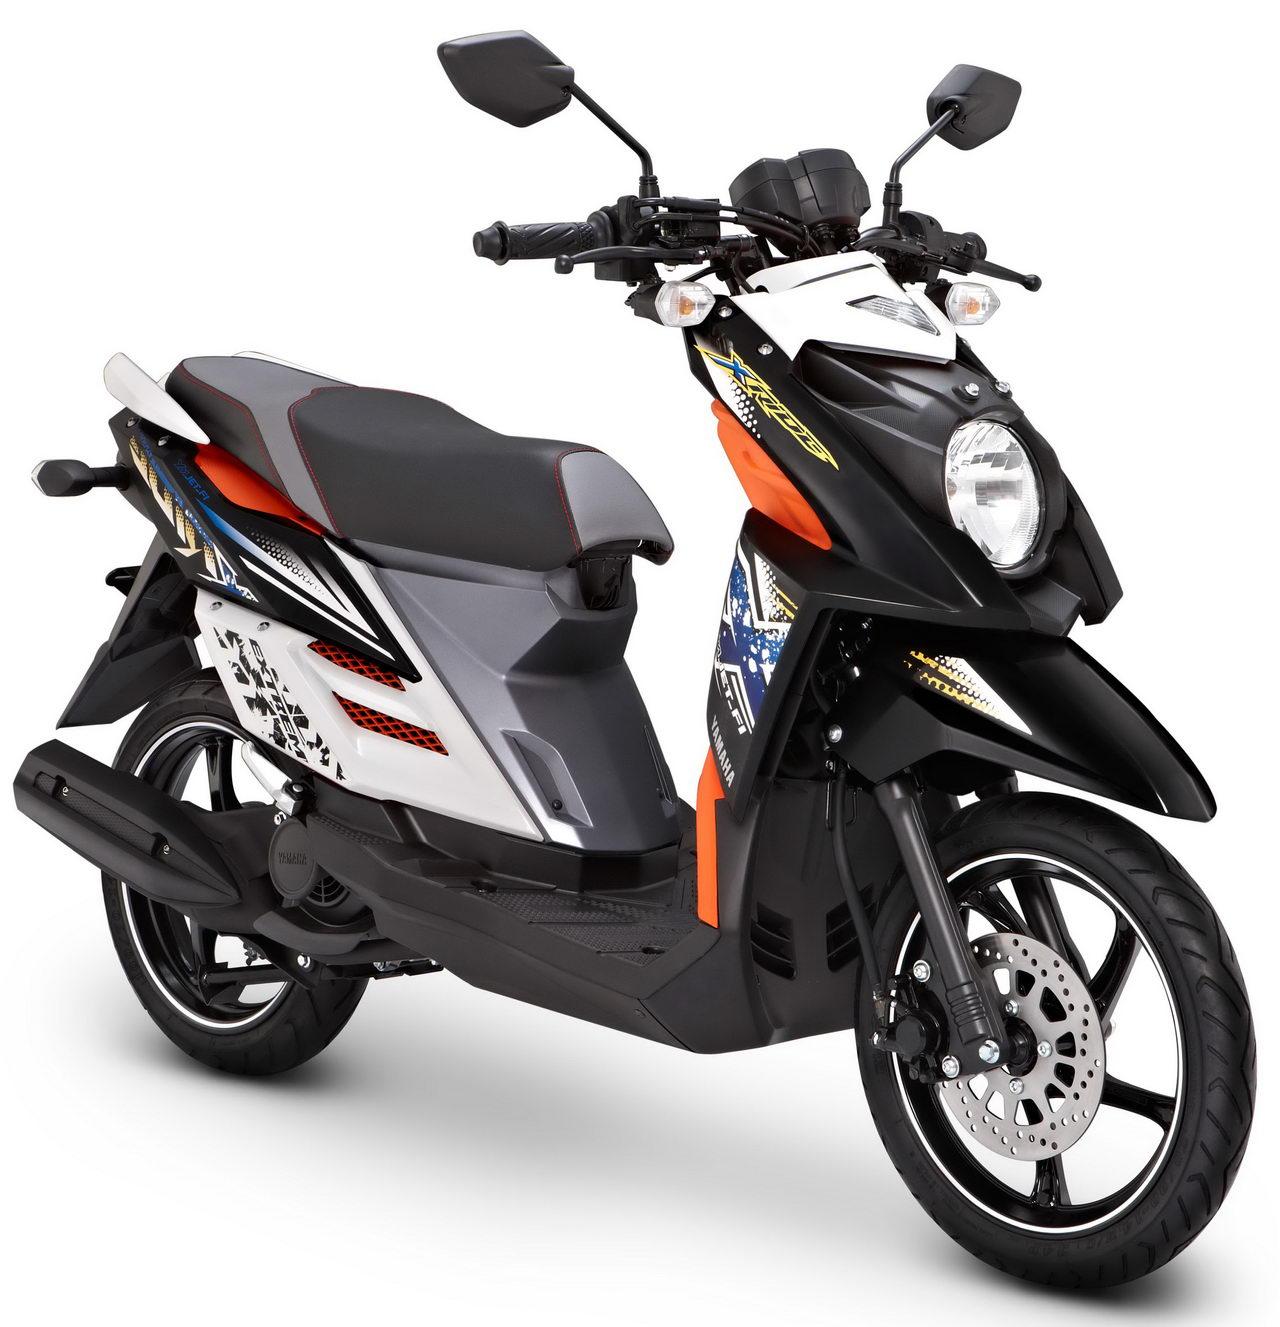 99 Gambar Motor Matic Yamaha Dan Harganya Terkeren Gubuk Modifikasi